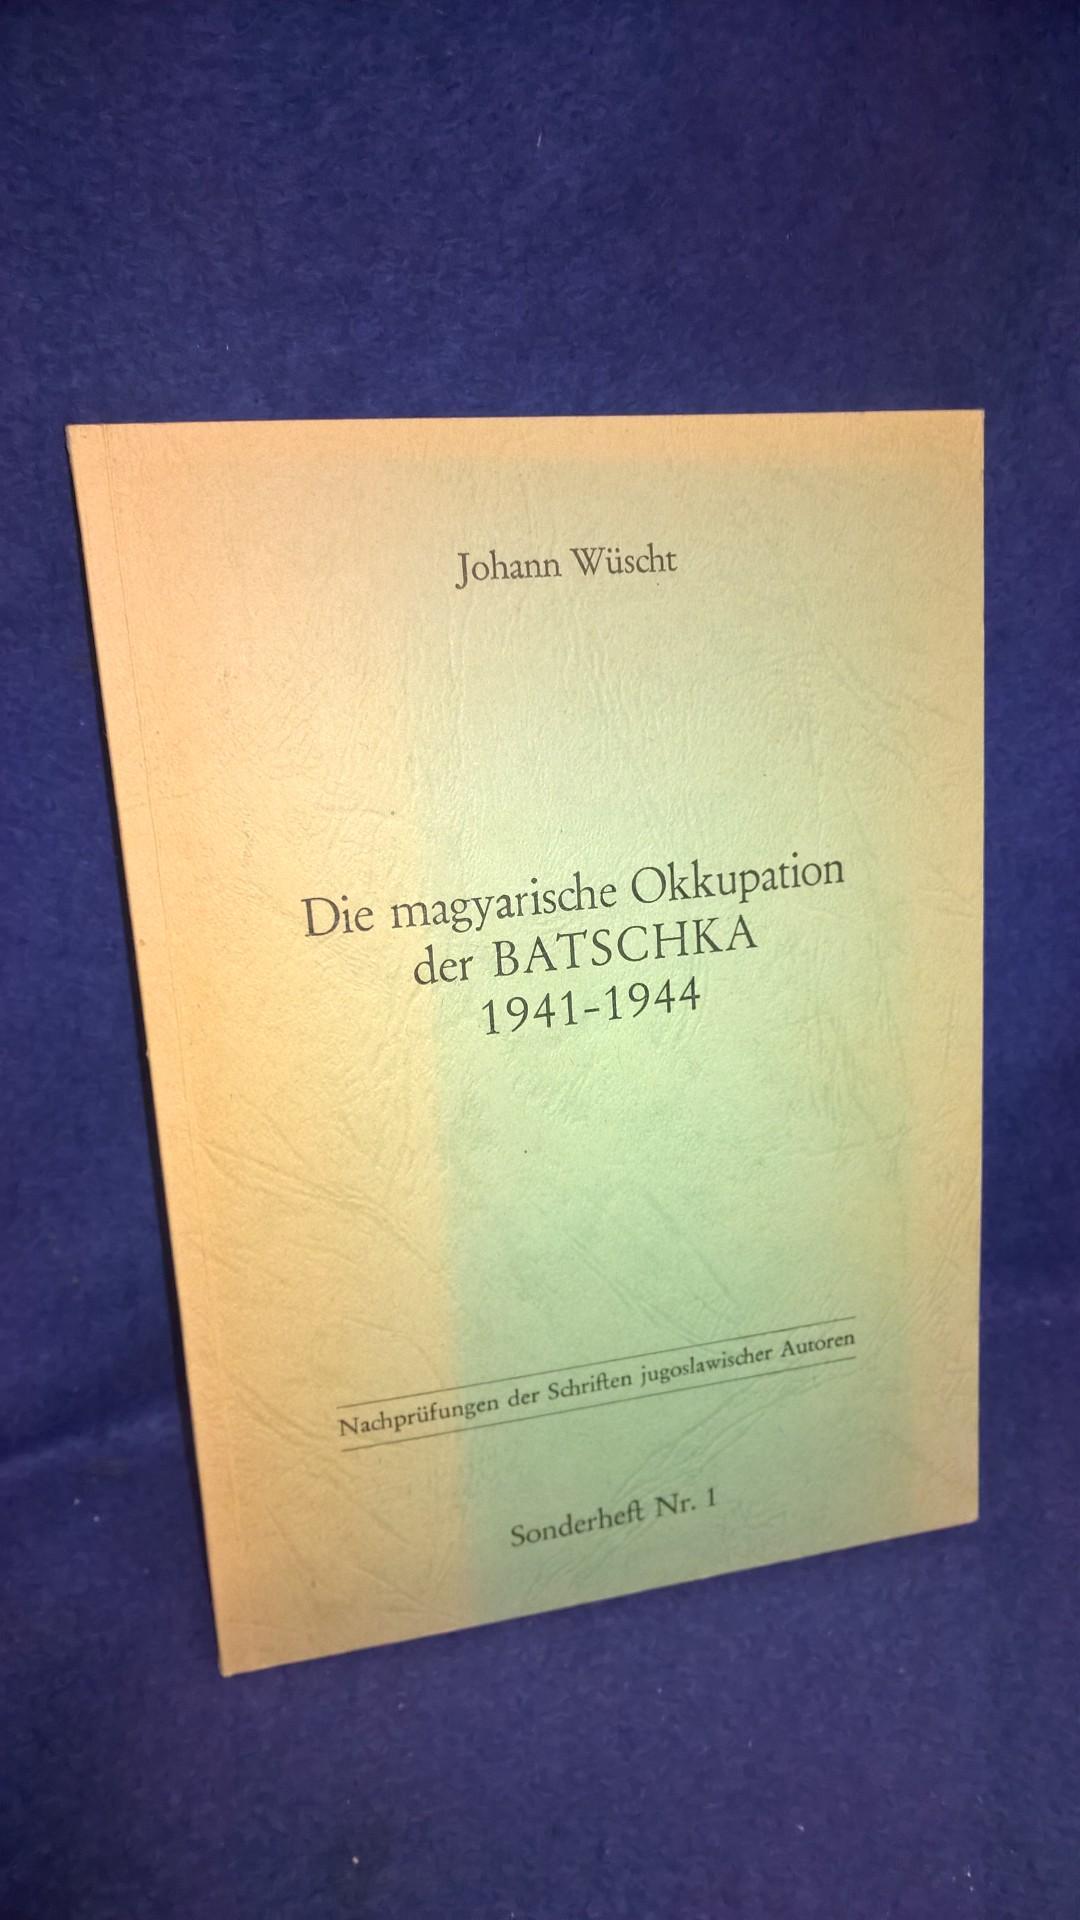 Die magyarische Okkupation der BATSCHKA 1941-1944.